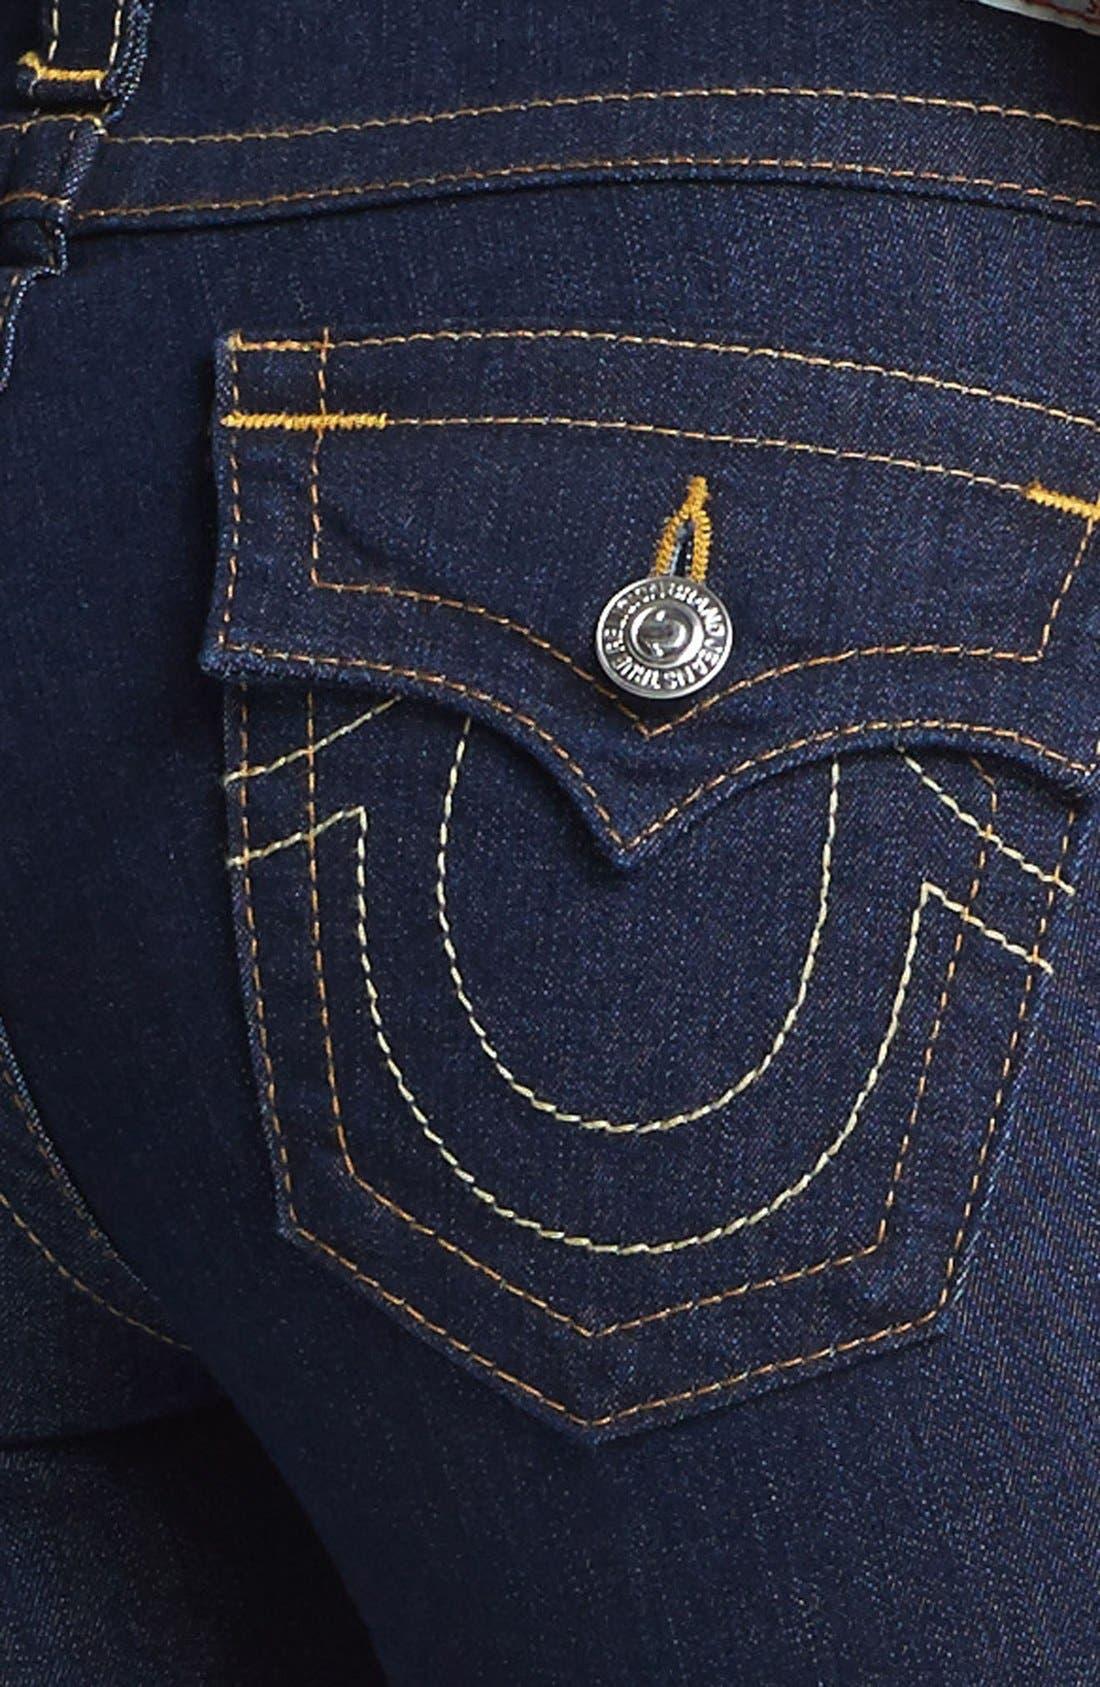 Alternate Image 3  - True Religion Brand Jeans 'Serena' Denim Leggings (Body Rinse) (Online Only)